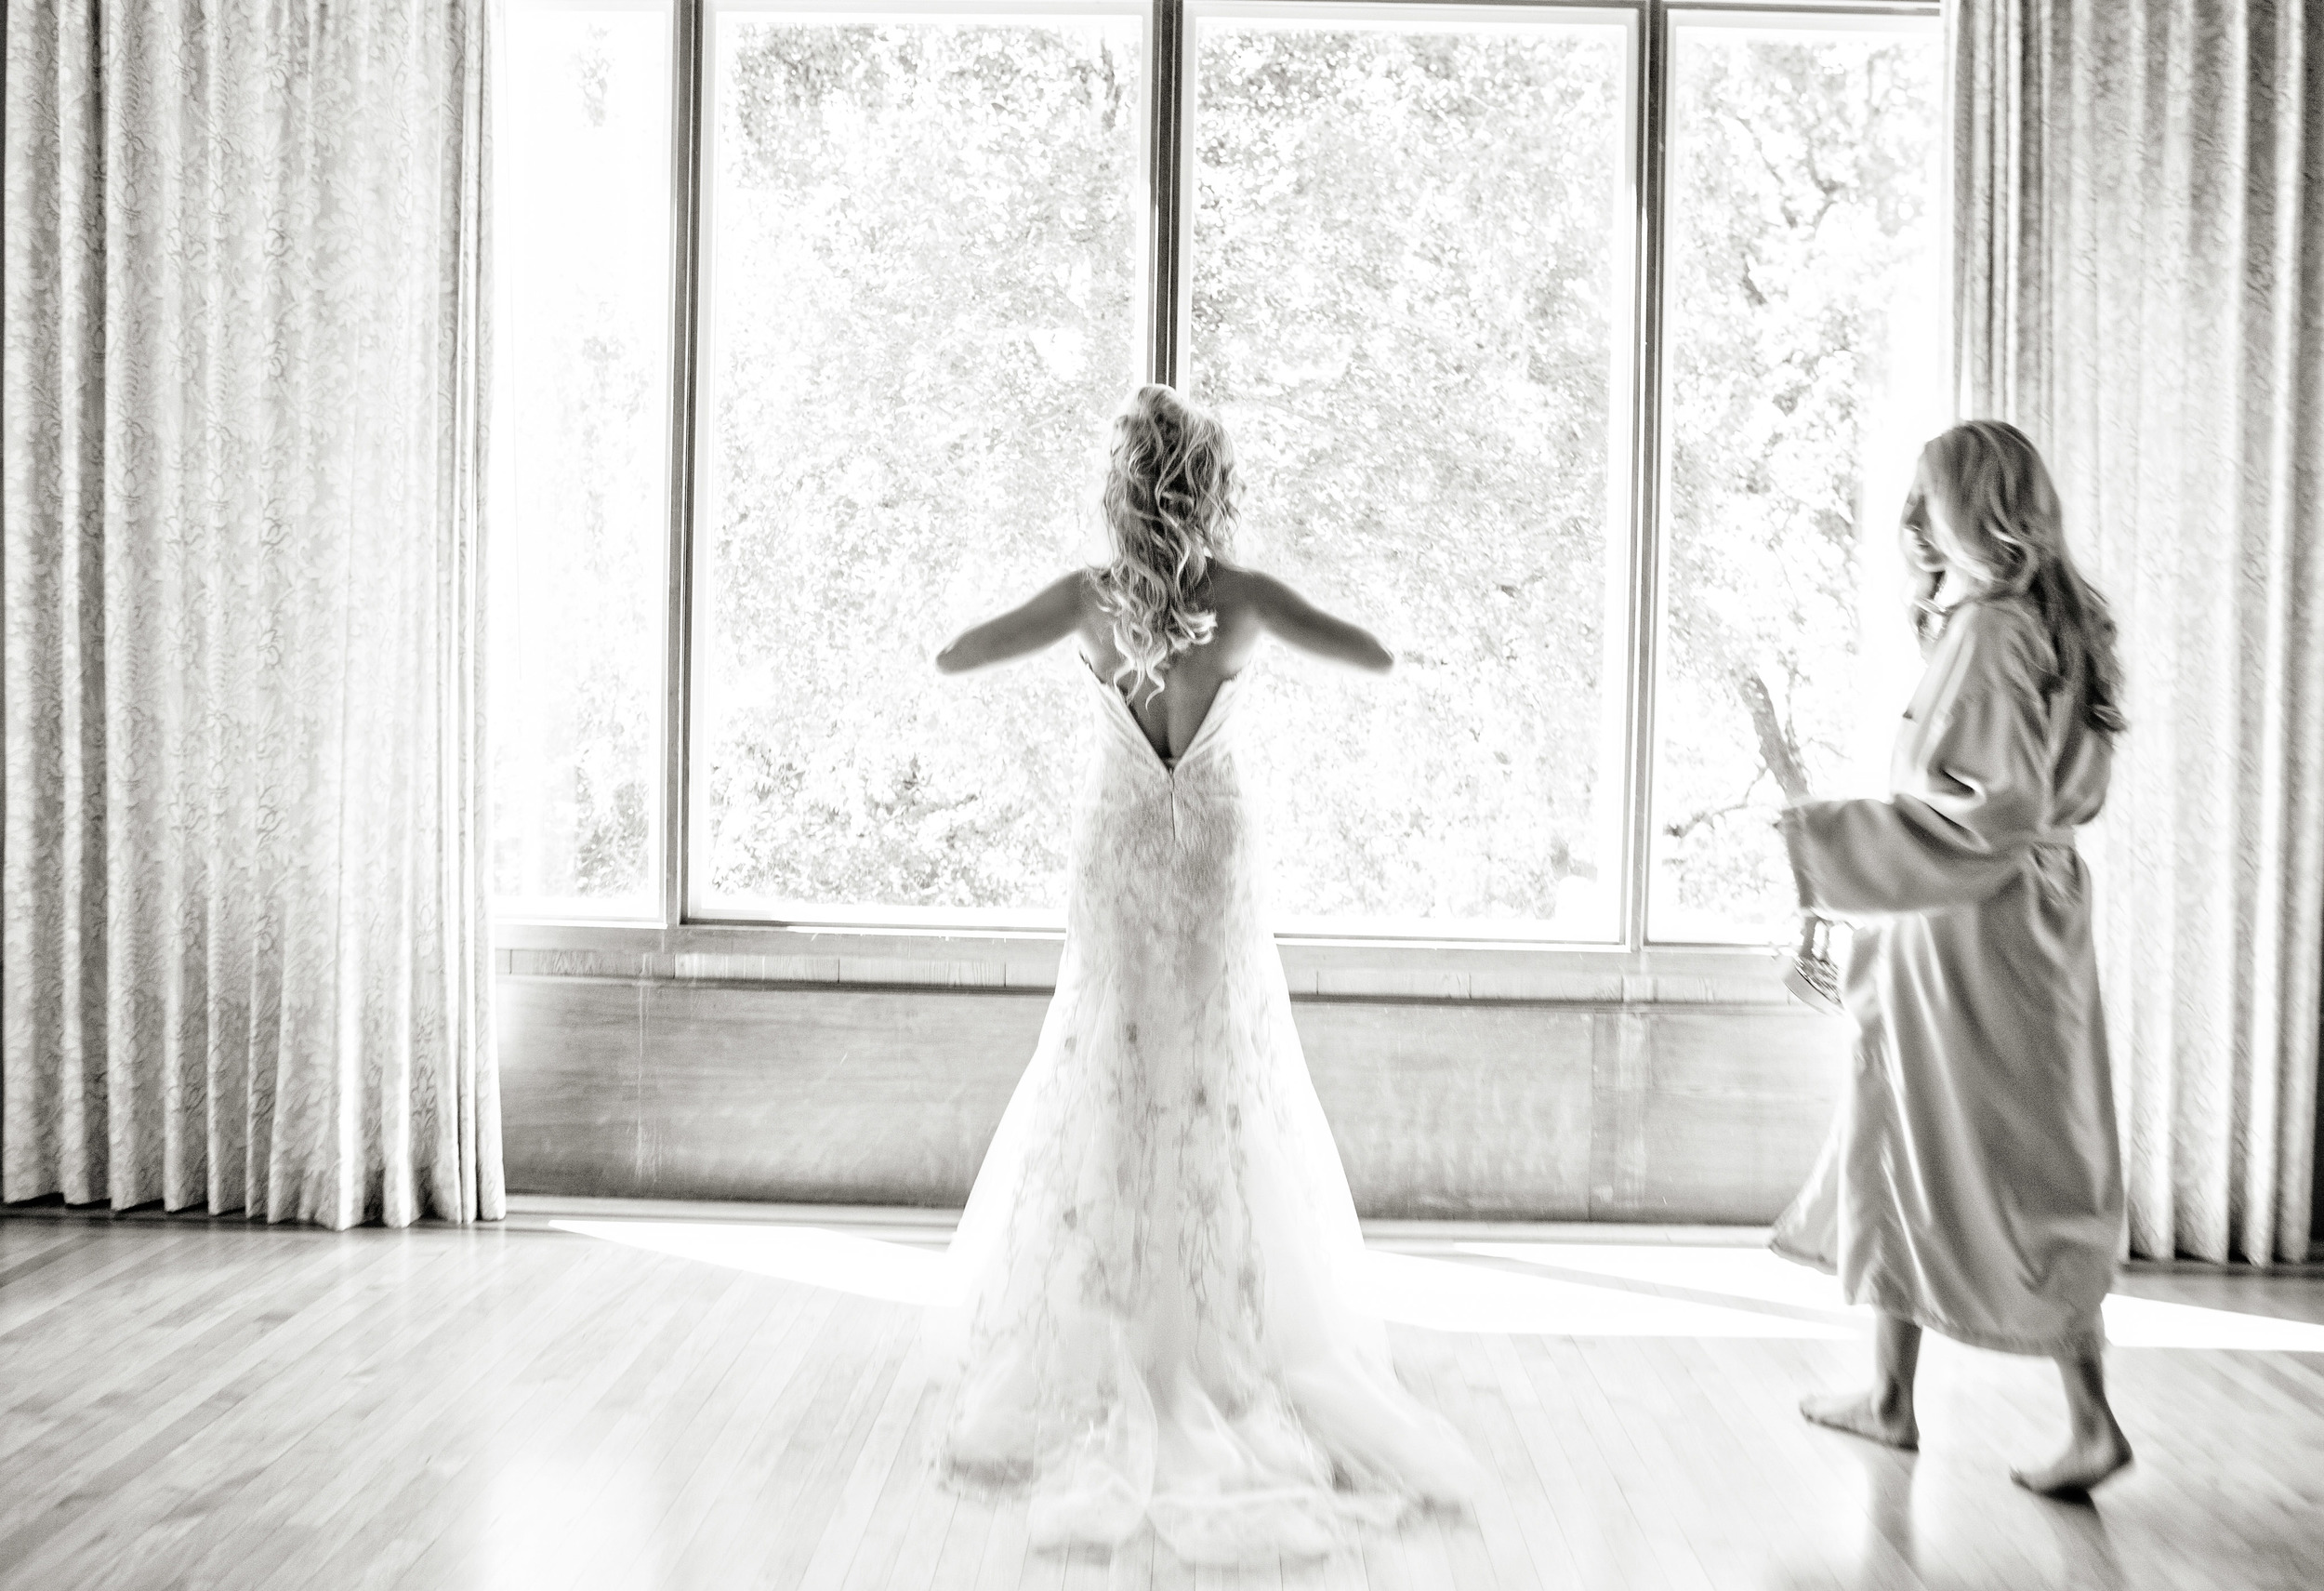 N Bride getting ready sonoma wedding.jpg